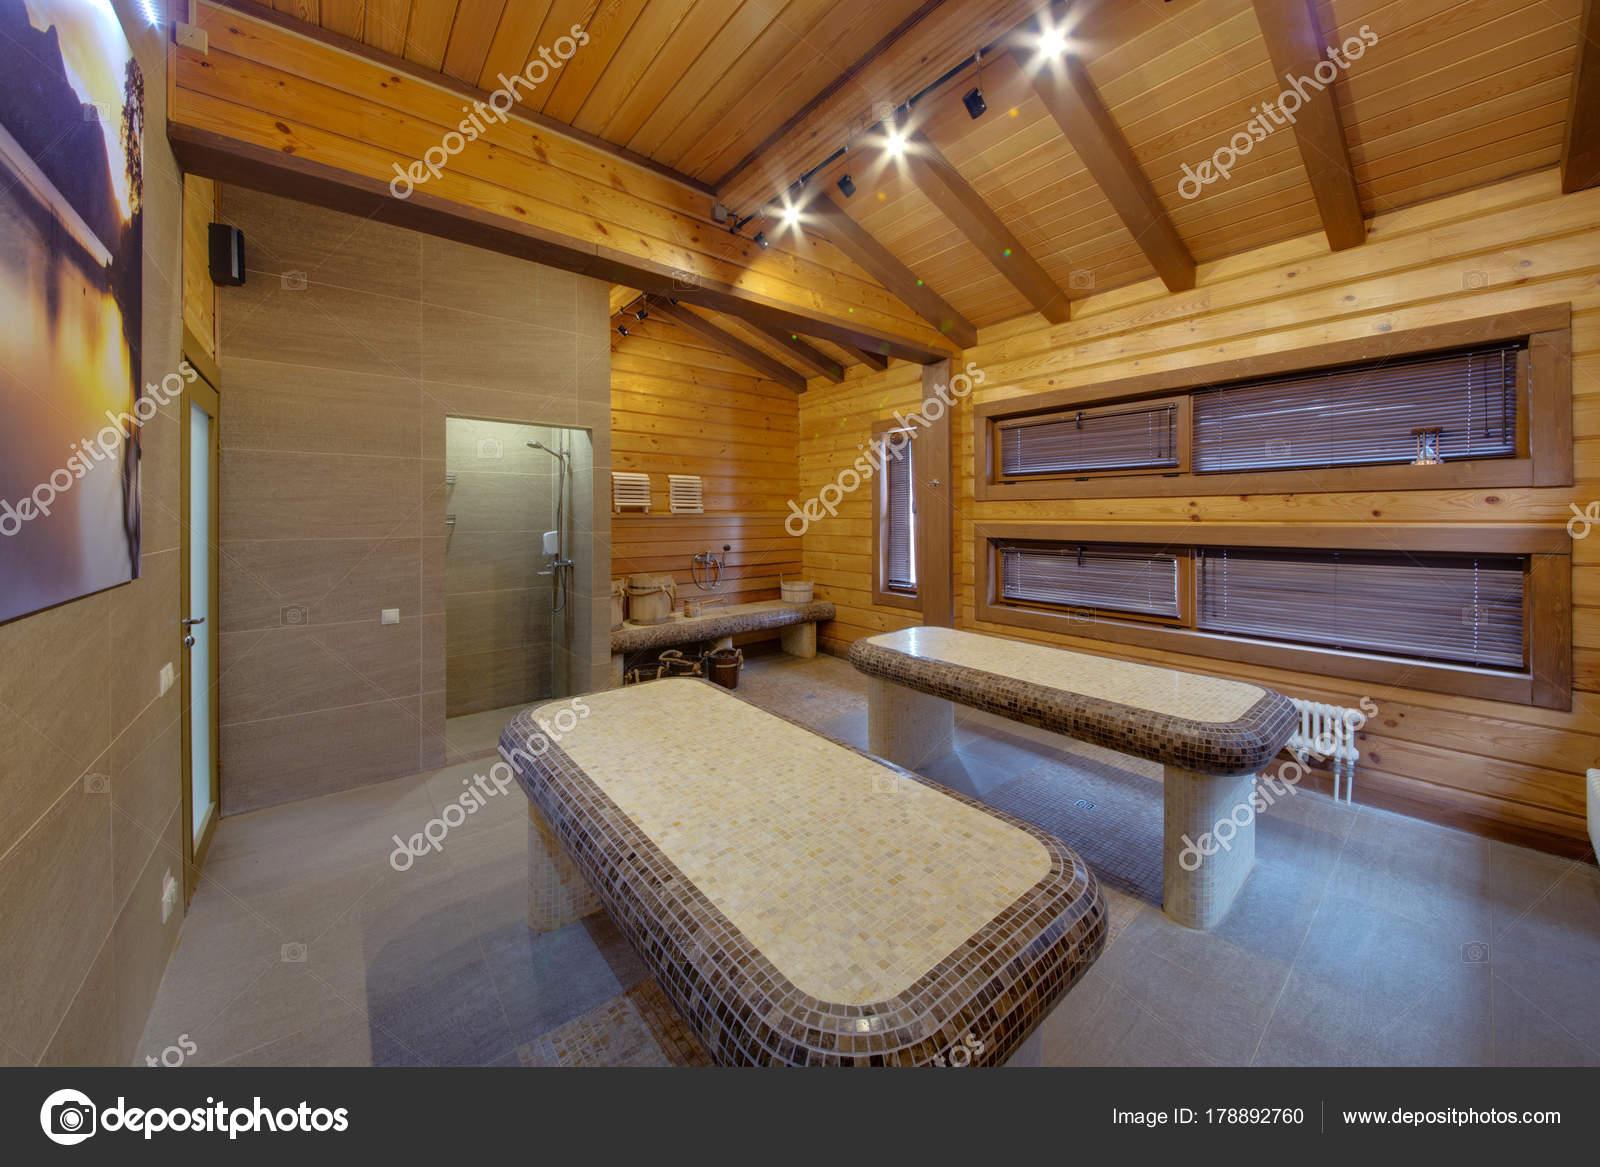 Soffitti In Legno Design : Wero design da soffitto in legno legno paralumi mer d braun und